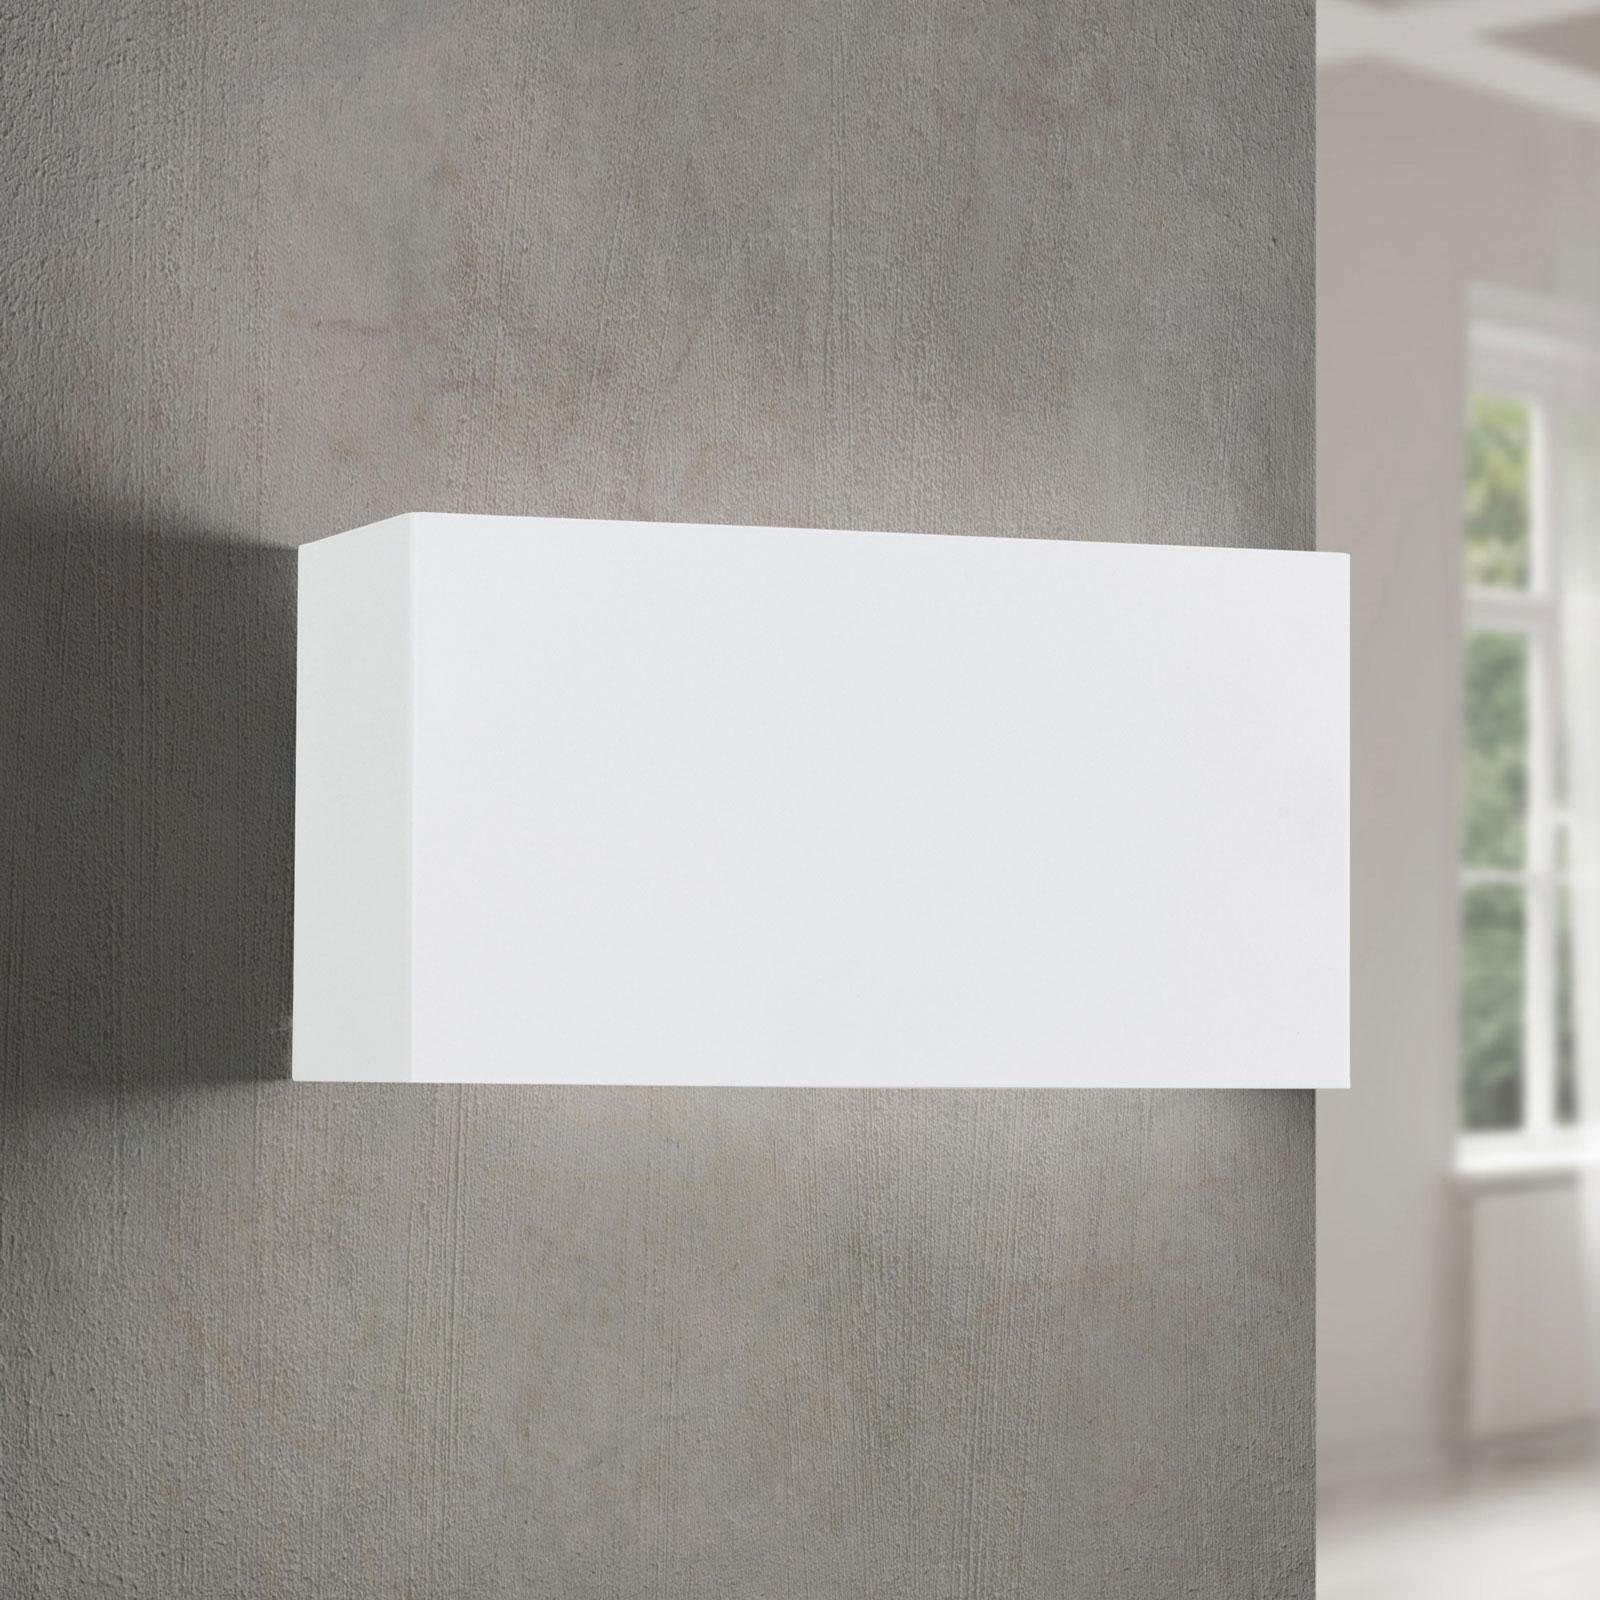 LED wandlamp Hamilton, wit